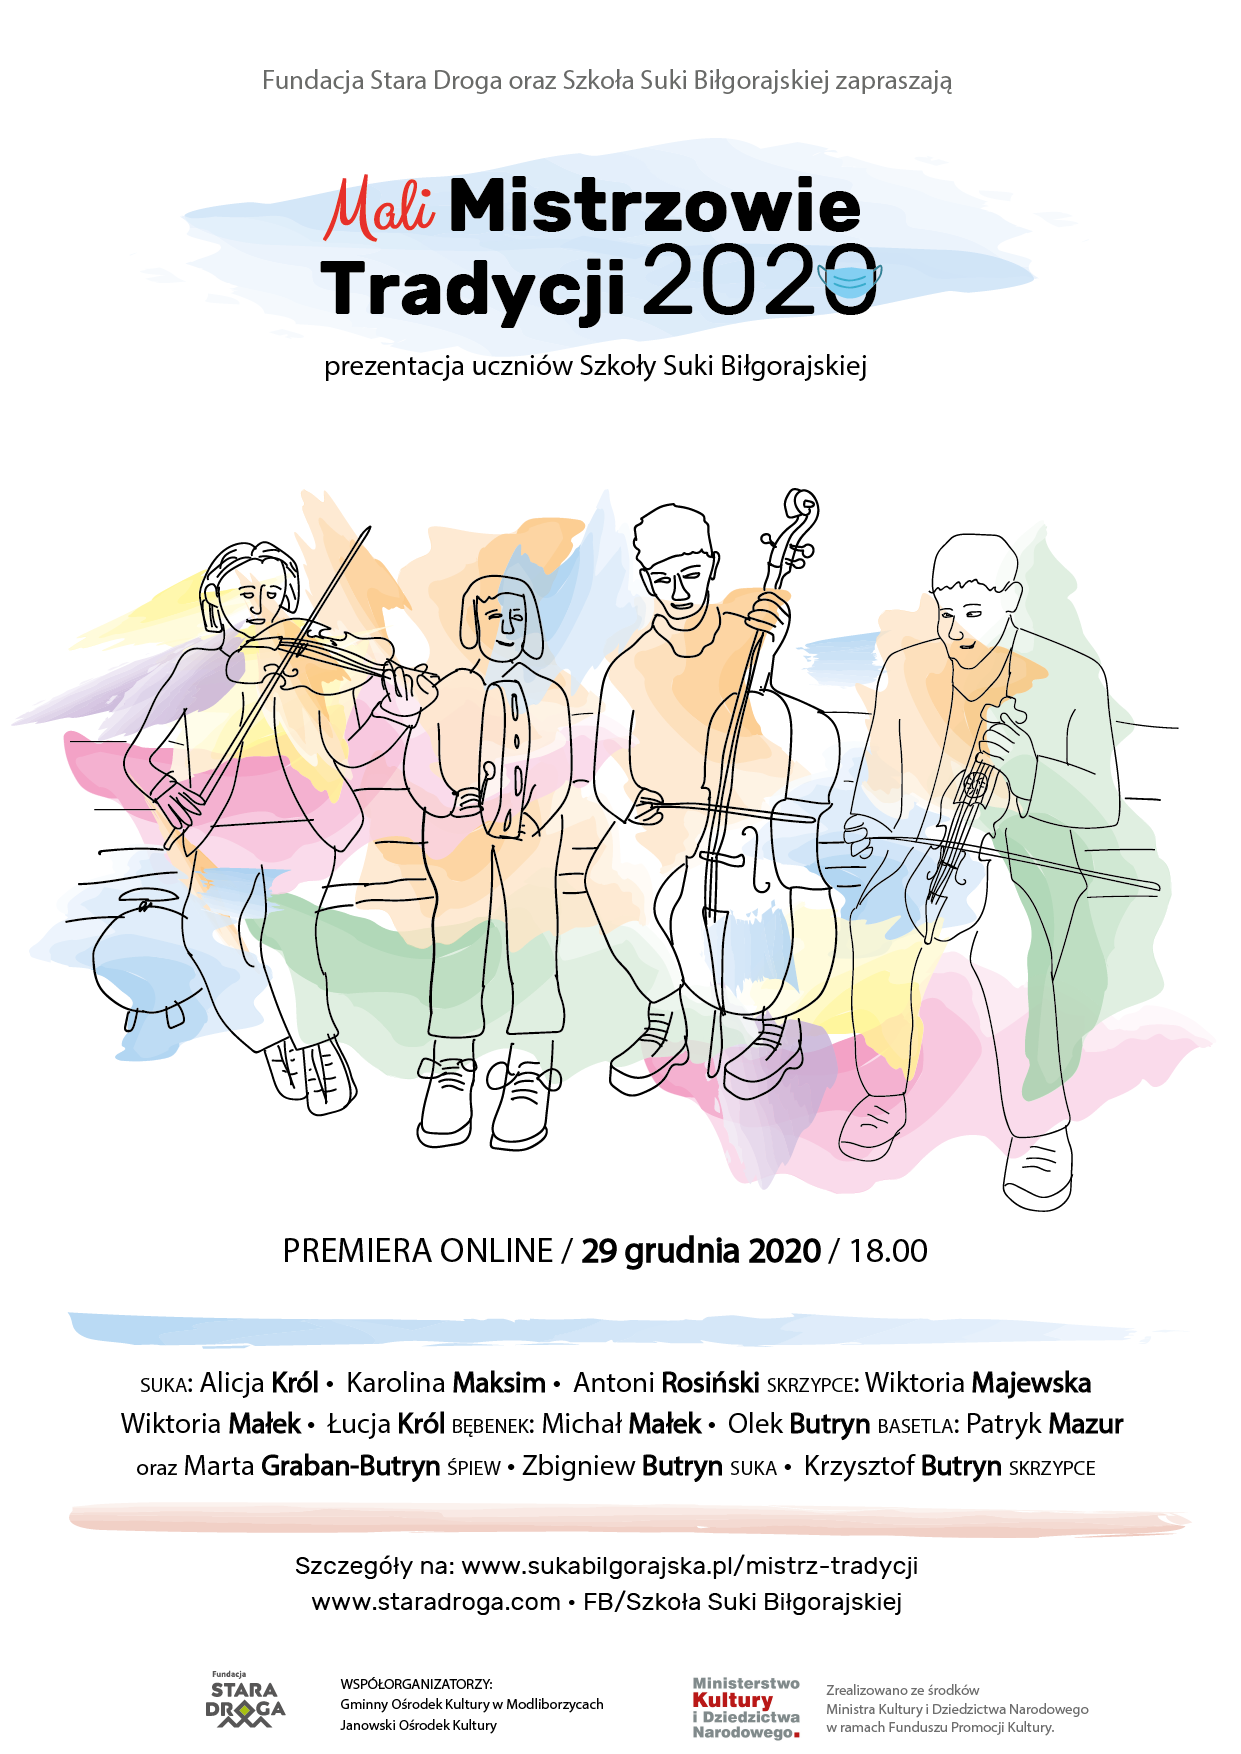 plakat_mali-mistrzowie-tradycji-2020 — kopia